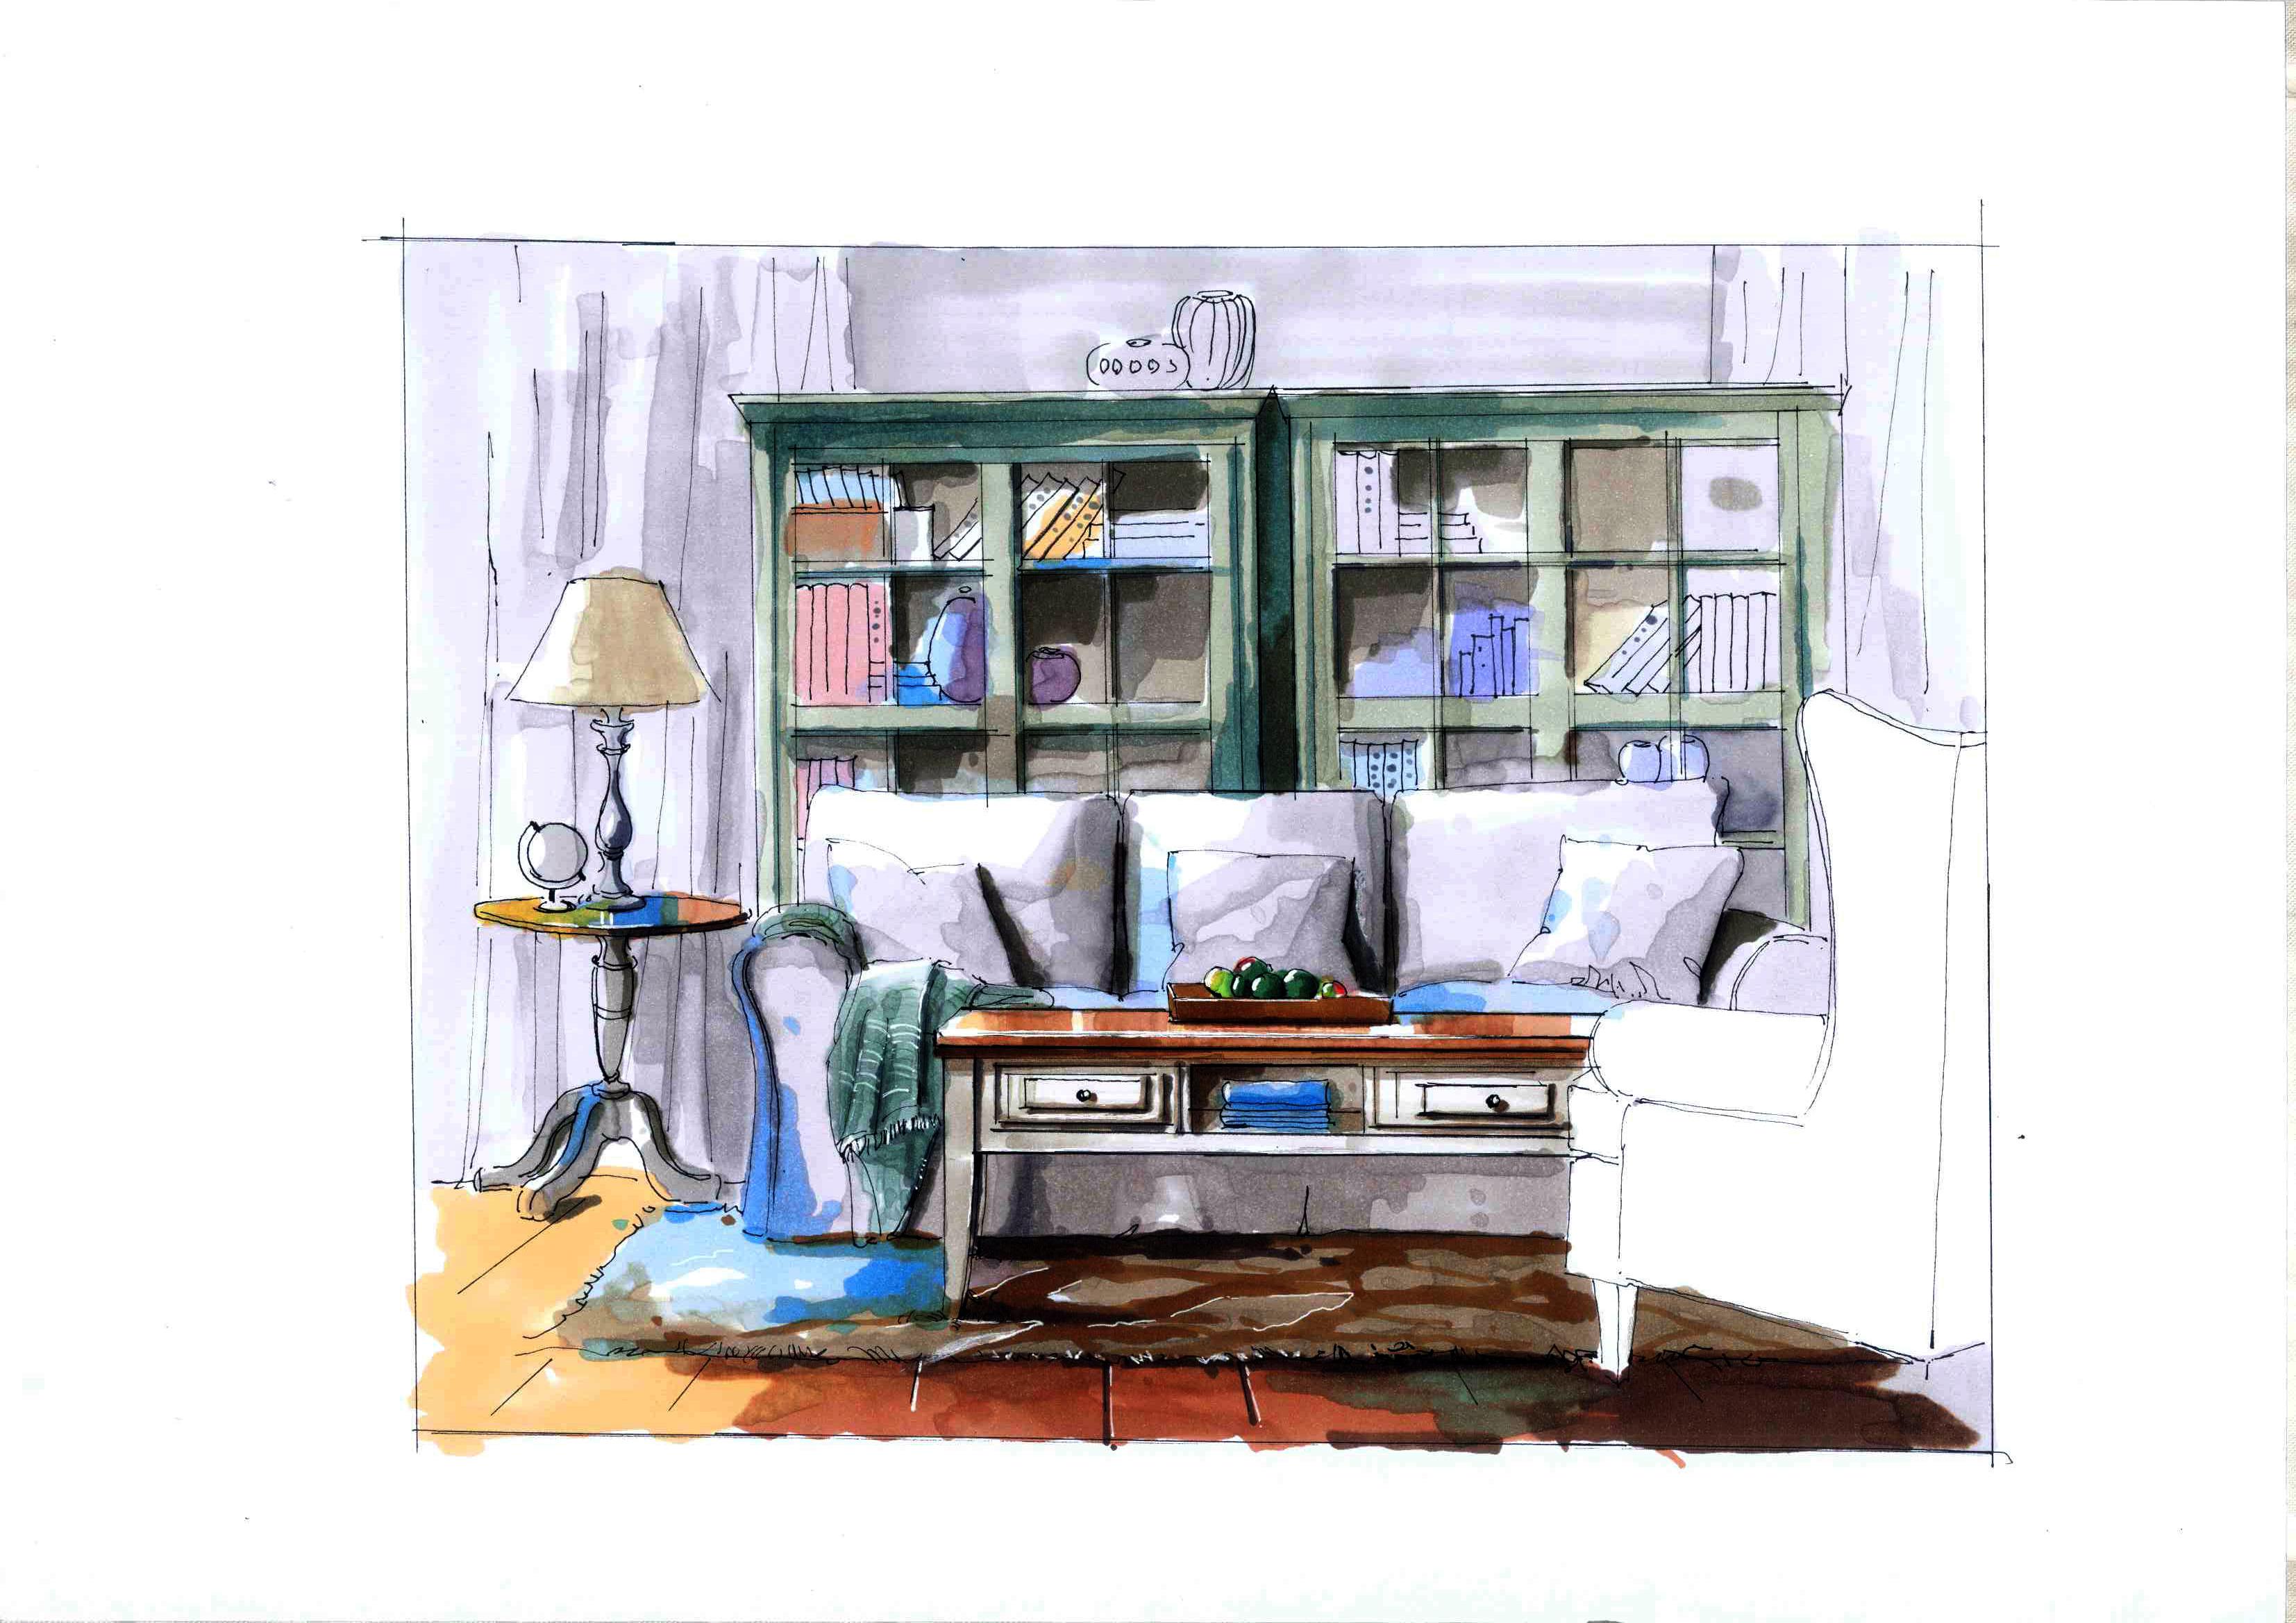 室内手绘效果图|空间|室内设计|汪建成 - 原创作品